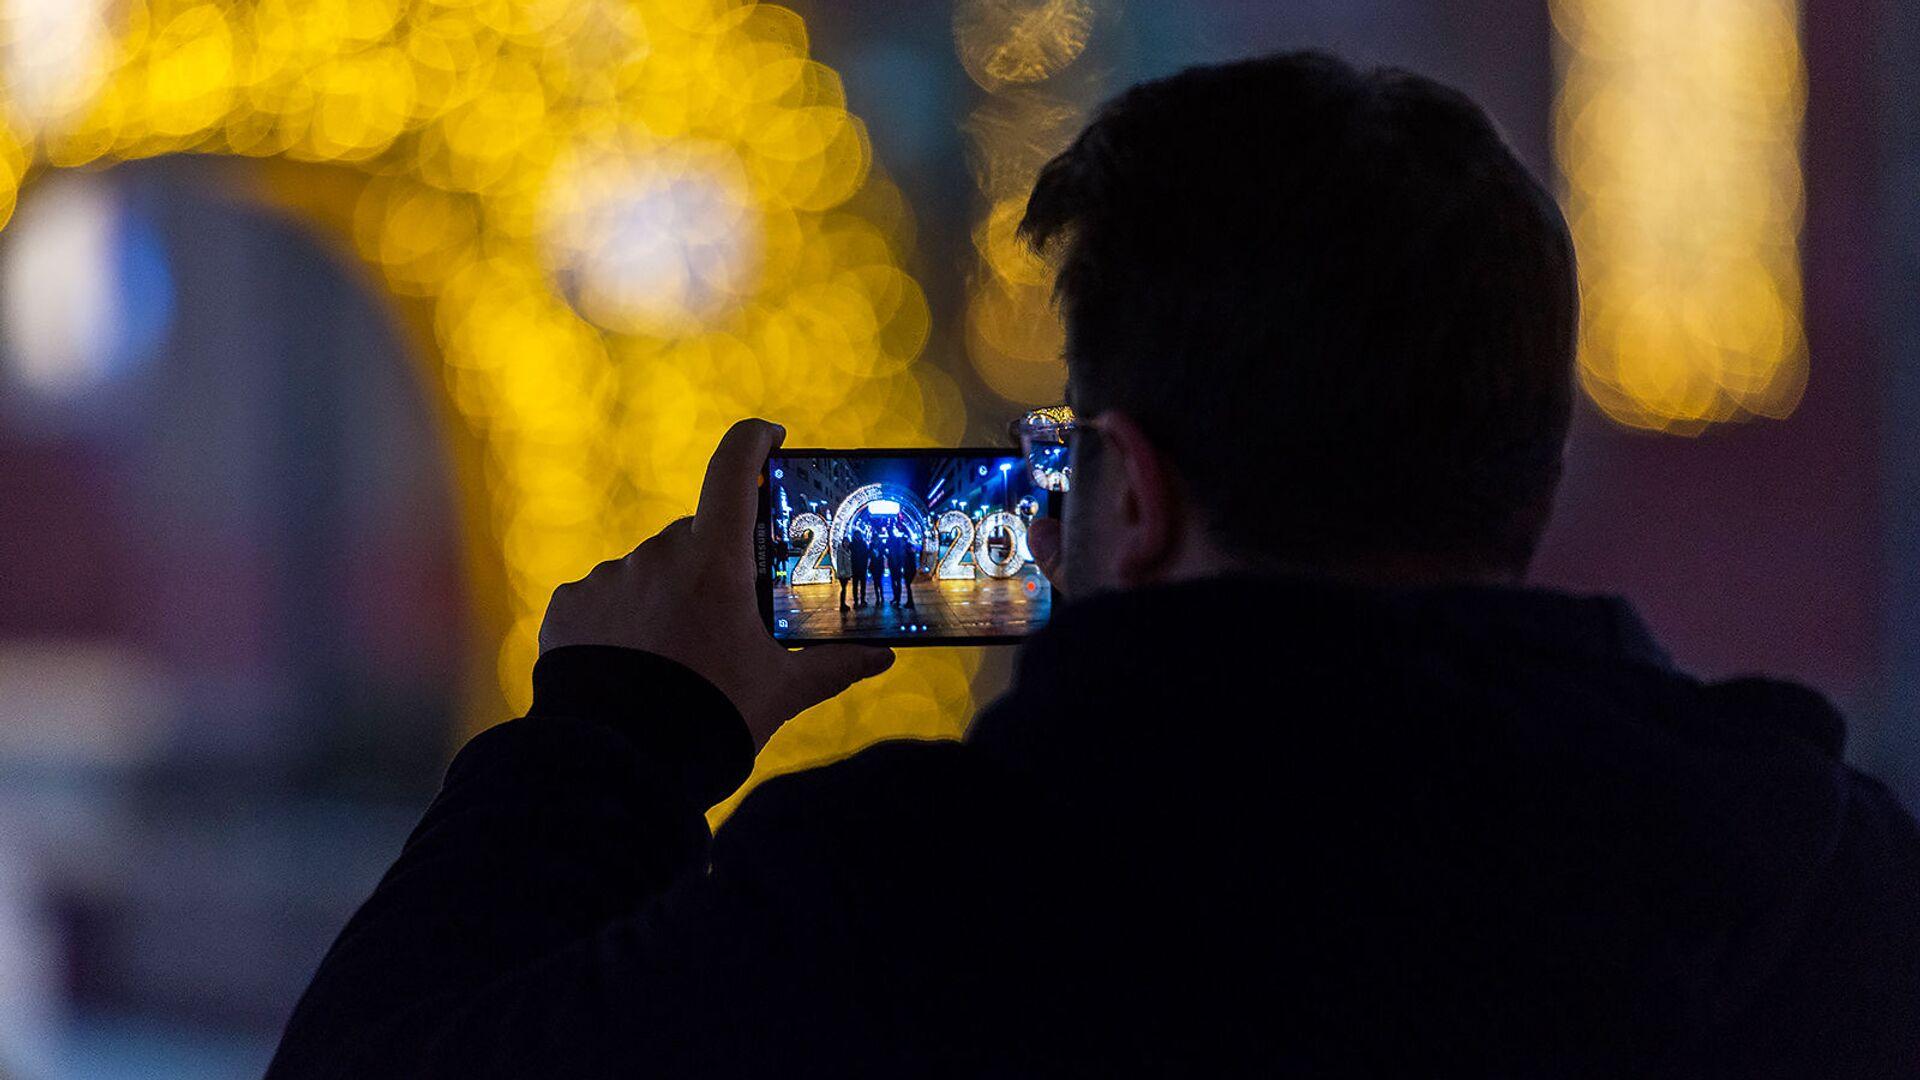 Турист фотографруют знакомых  у новогодней иллюминации на Северном проспекте - Sputnik Արմենիա, 1920, 15.04.2021